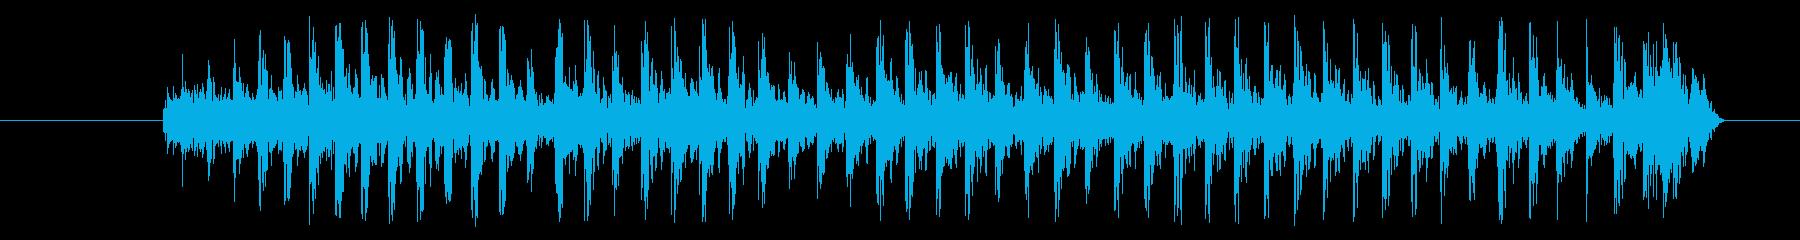 機械 ドリルストーン02の再生済みの波形